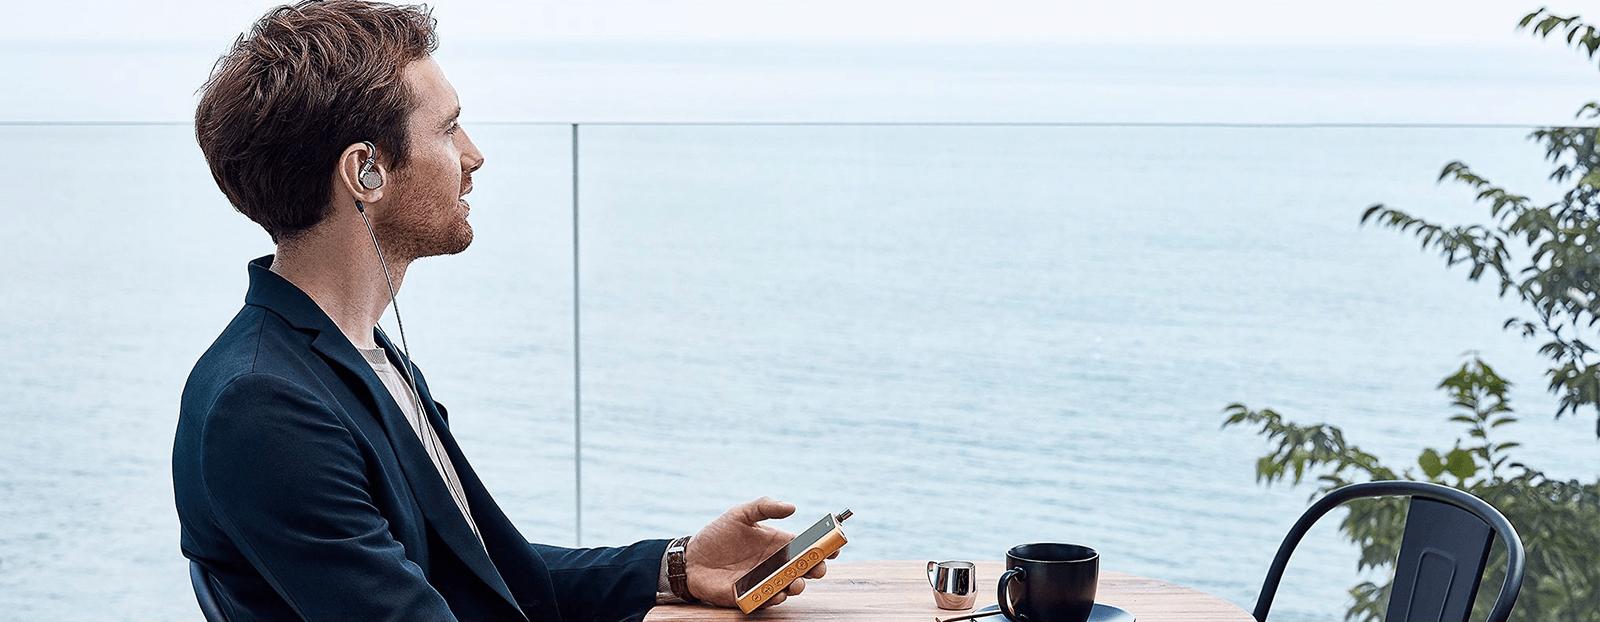 Man wearing Sony IER-Z1R by lake